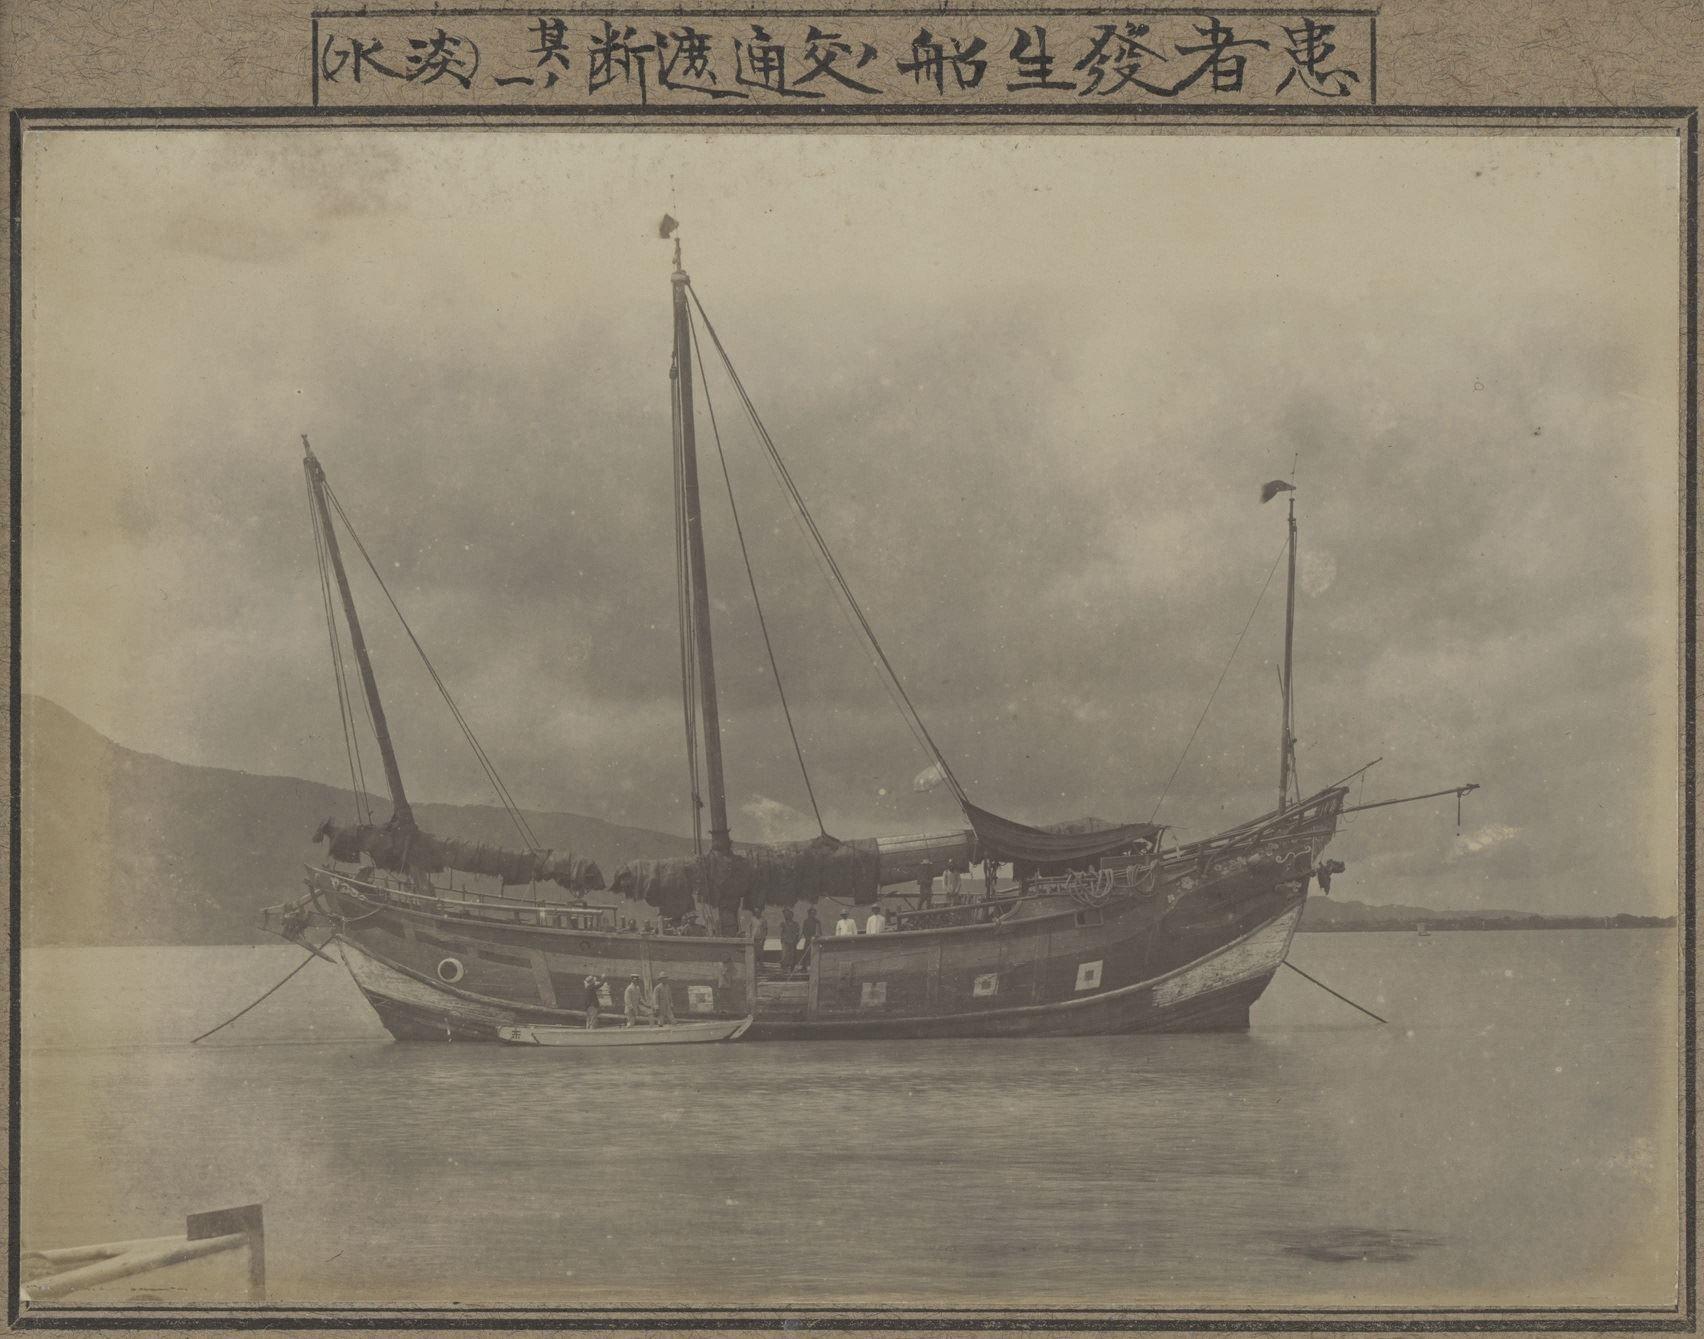 患者發生船的交通遮斷阻絕(一)(淡水)